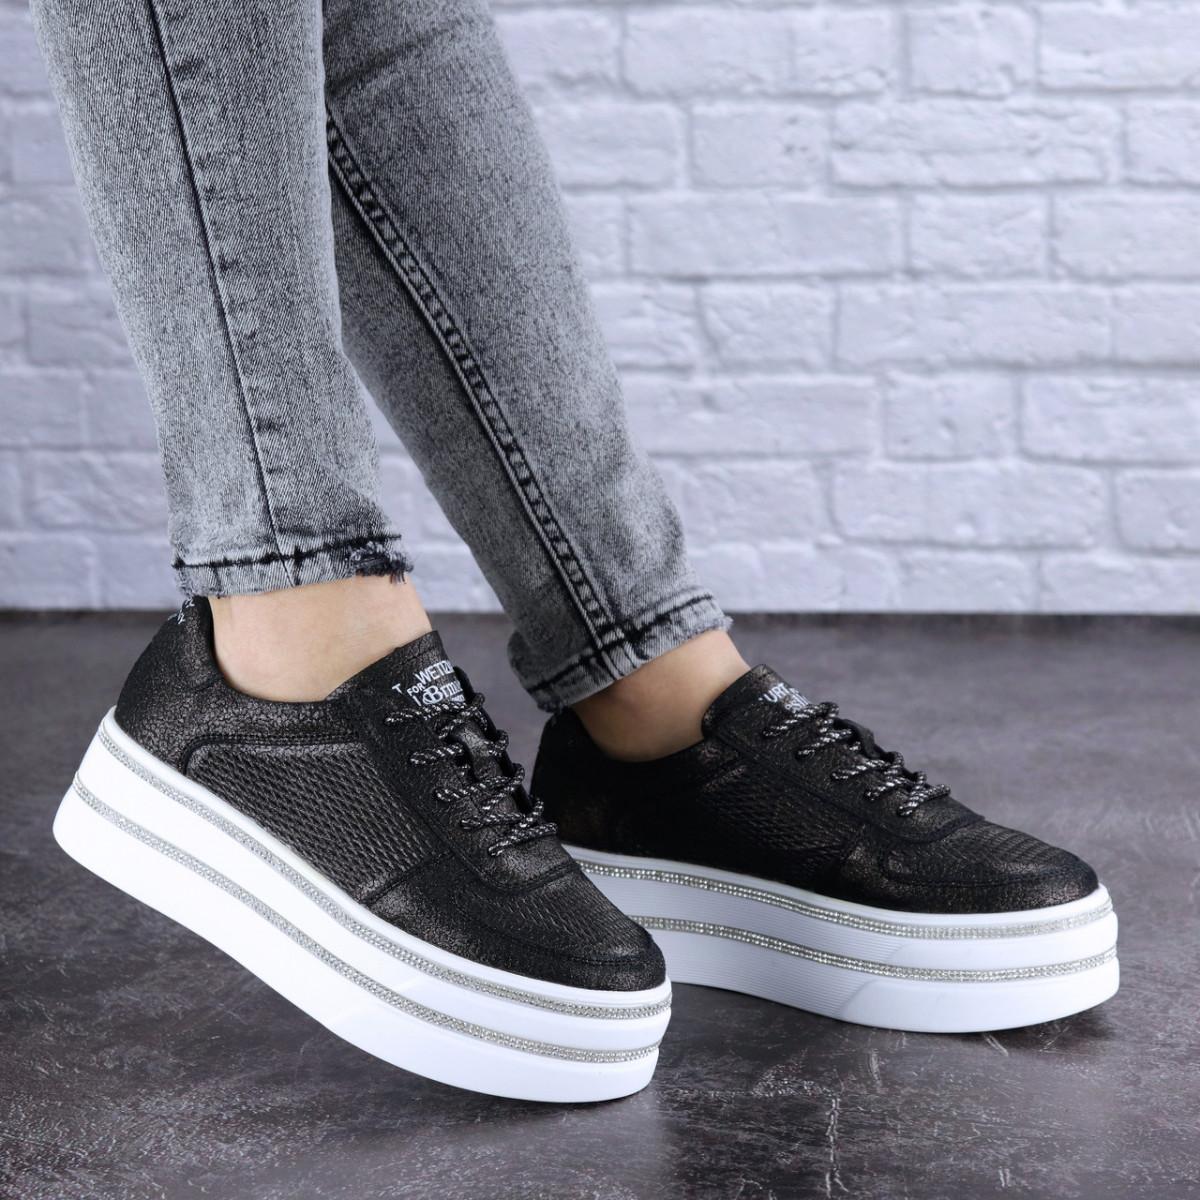 Женские черные кожаные кроссовки Erly 1717 (37 размер)